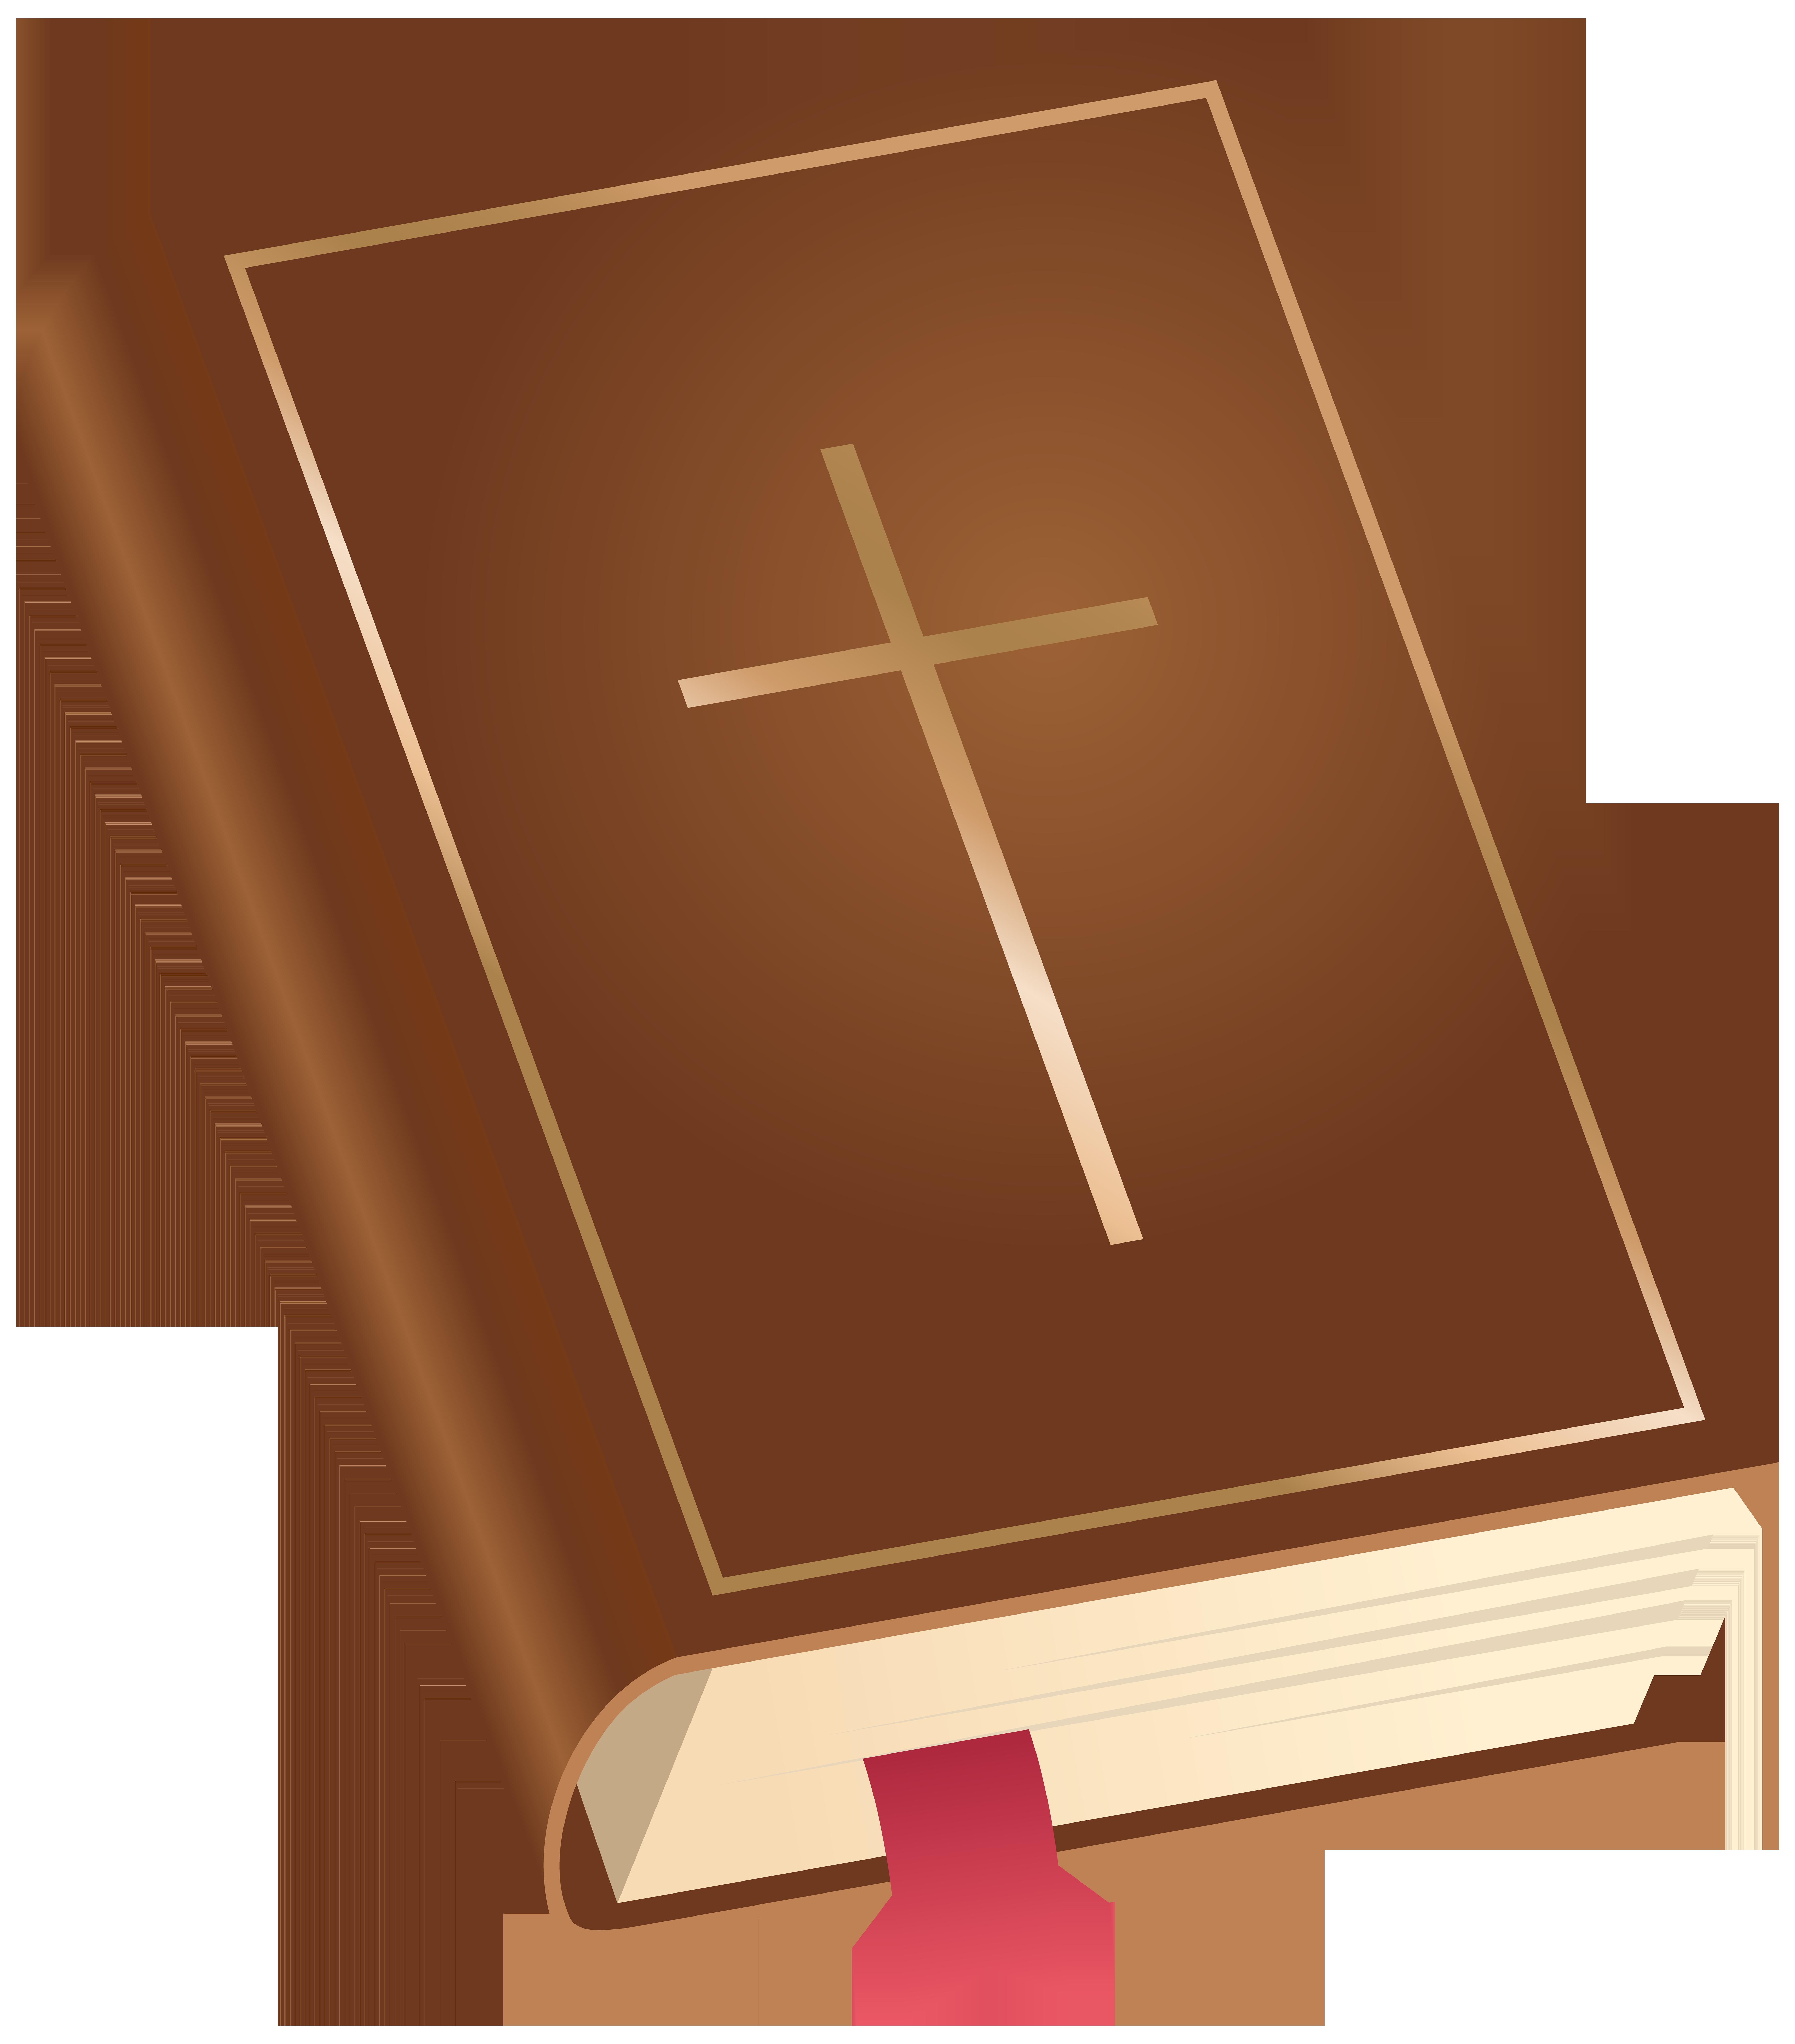 Bible clipart transparent background. Png clip art image